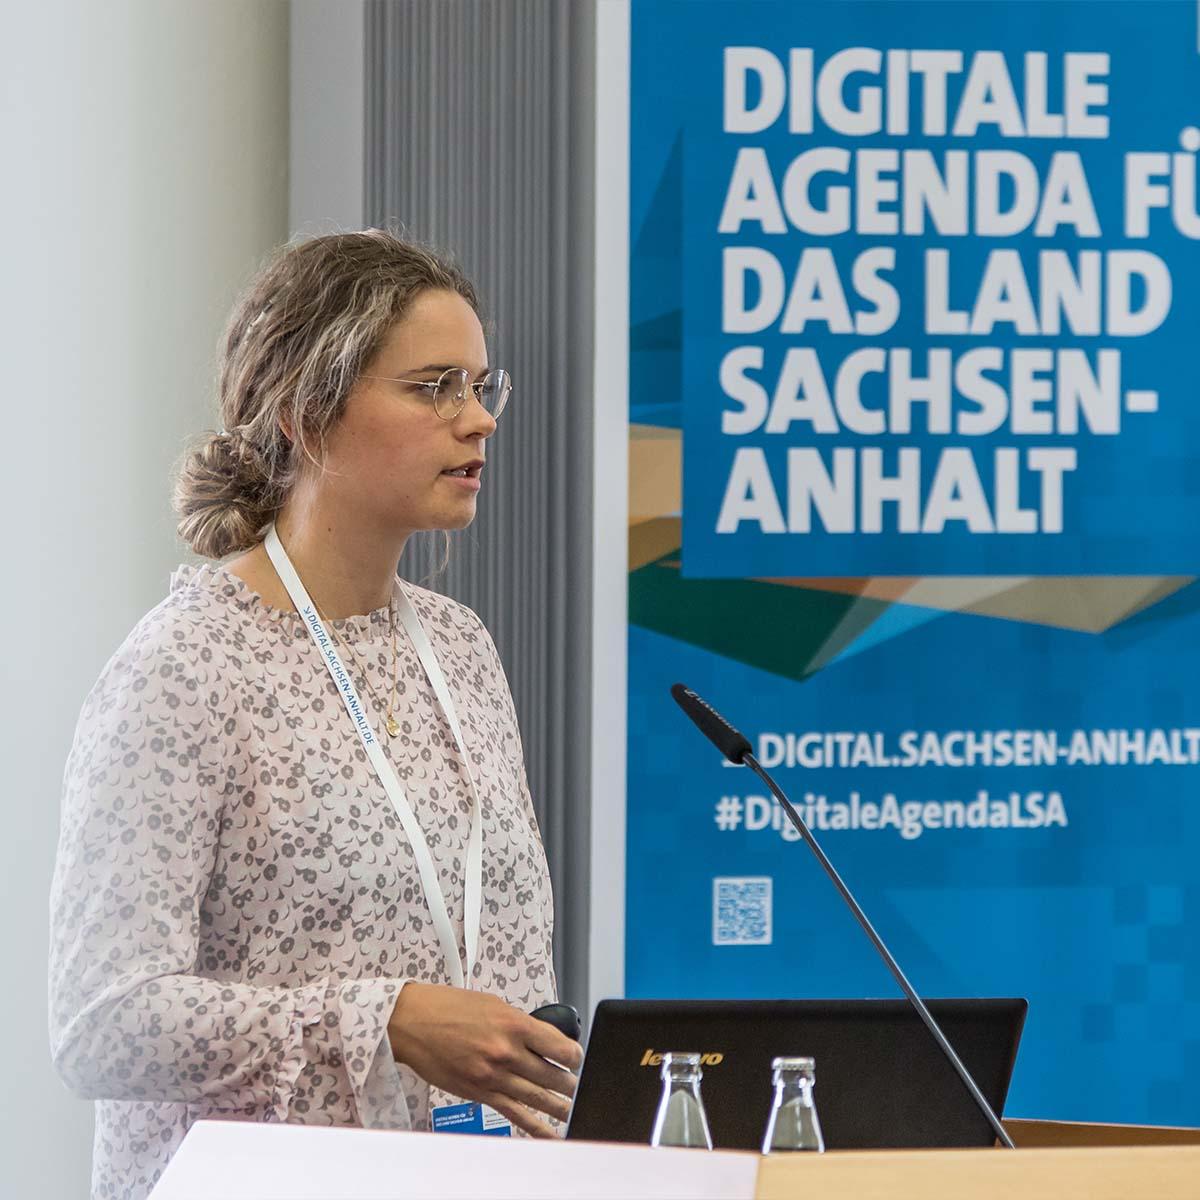 Ein Vortrag einer Frau bei der Digitalen Agenda für das Land Sachsen-Anhalt